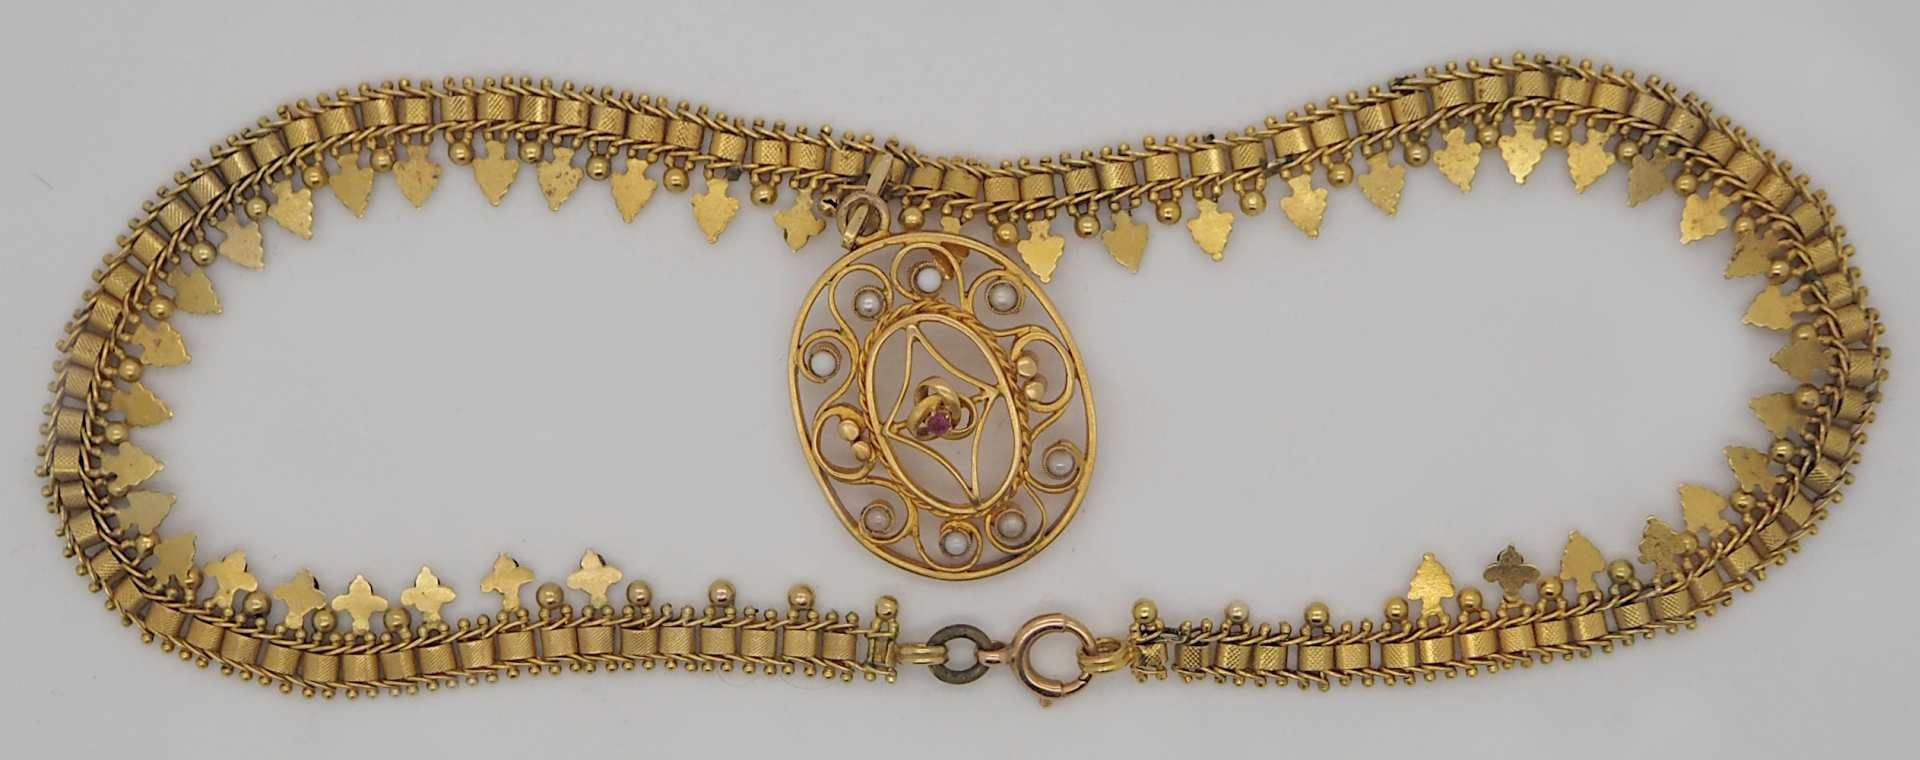 1 Collier wohl ungestempelt mit Einhänger wohl GG, Rubin, Perlen u.a., alt - Bild 2 aus 2